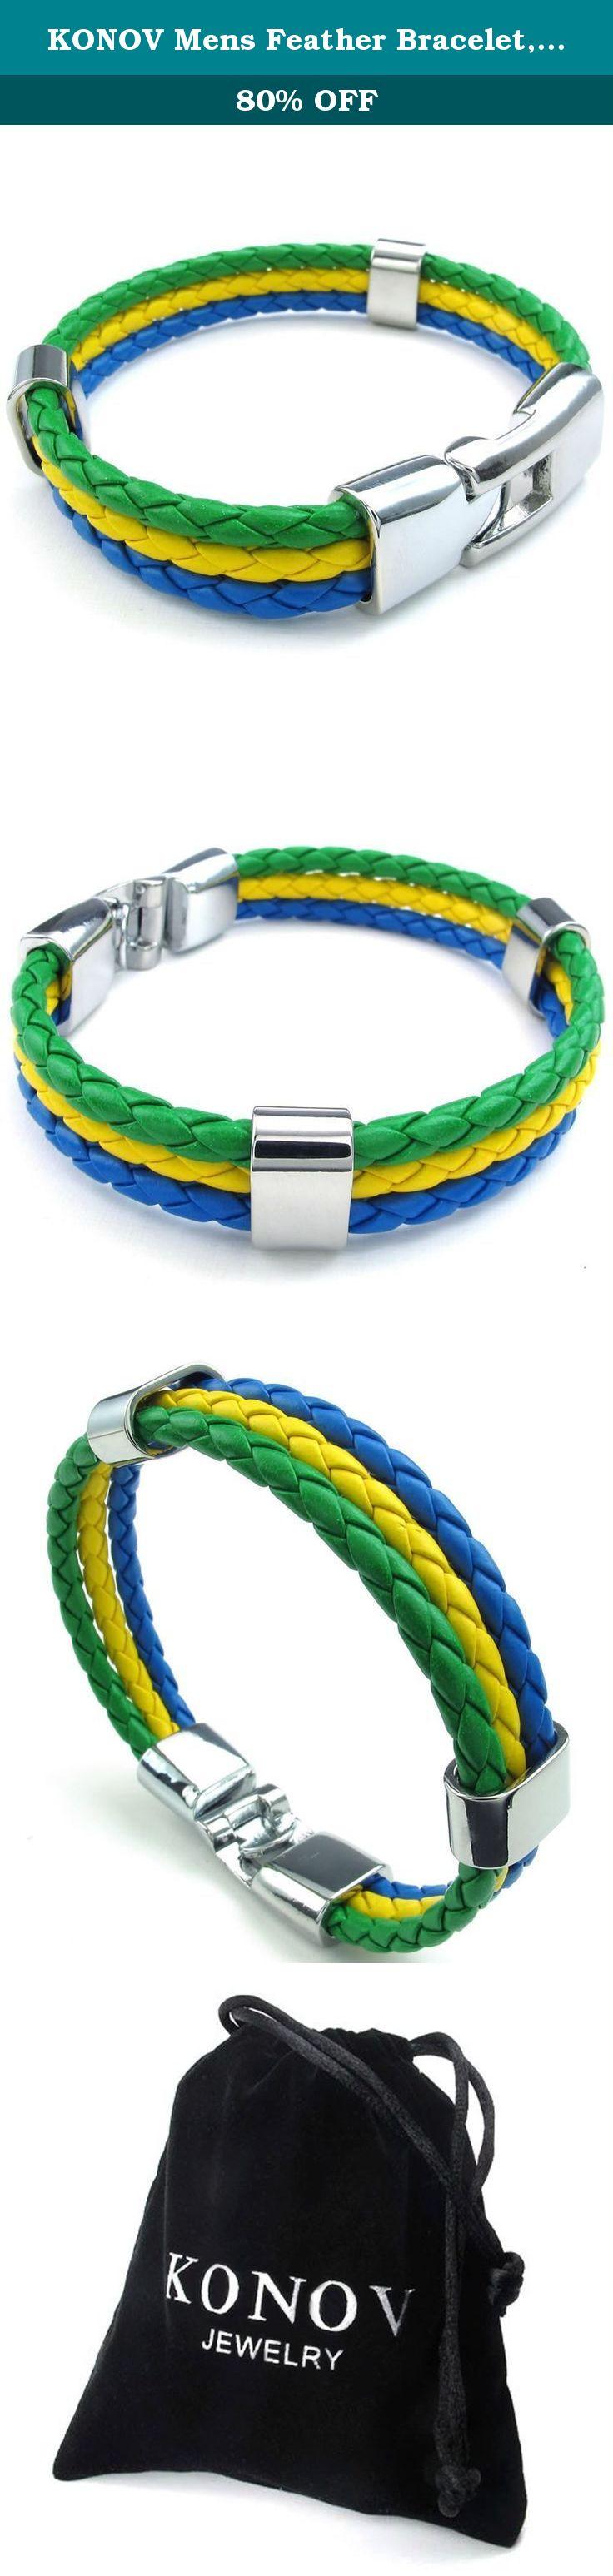 Konov Mens Feather Bracelet, Brazilian Brazil Flag Cuff Bangle, Green  Yellow Blue, 8